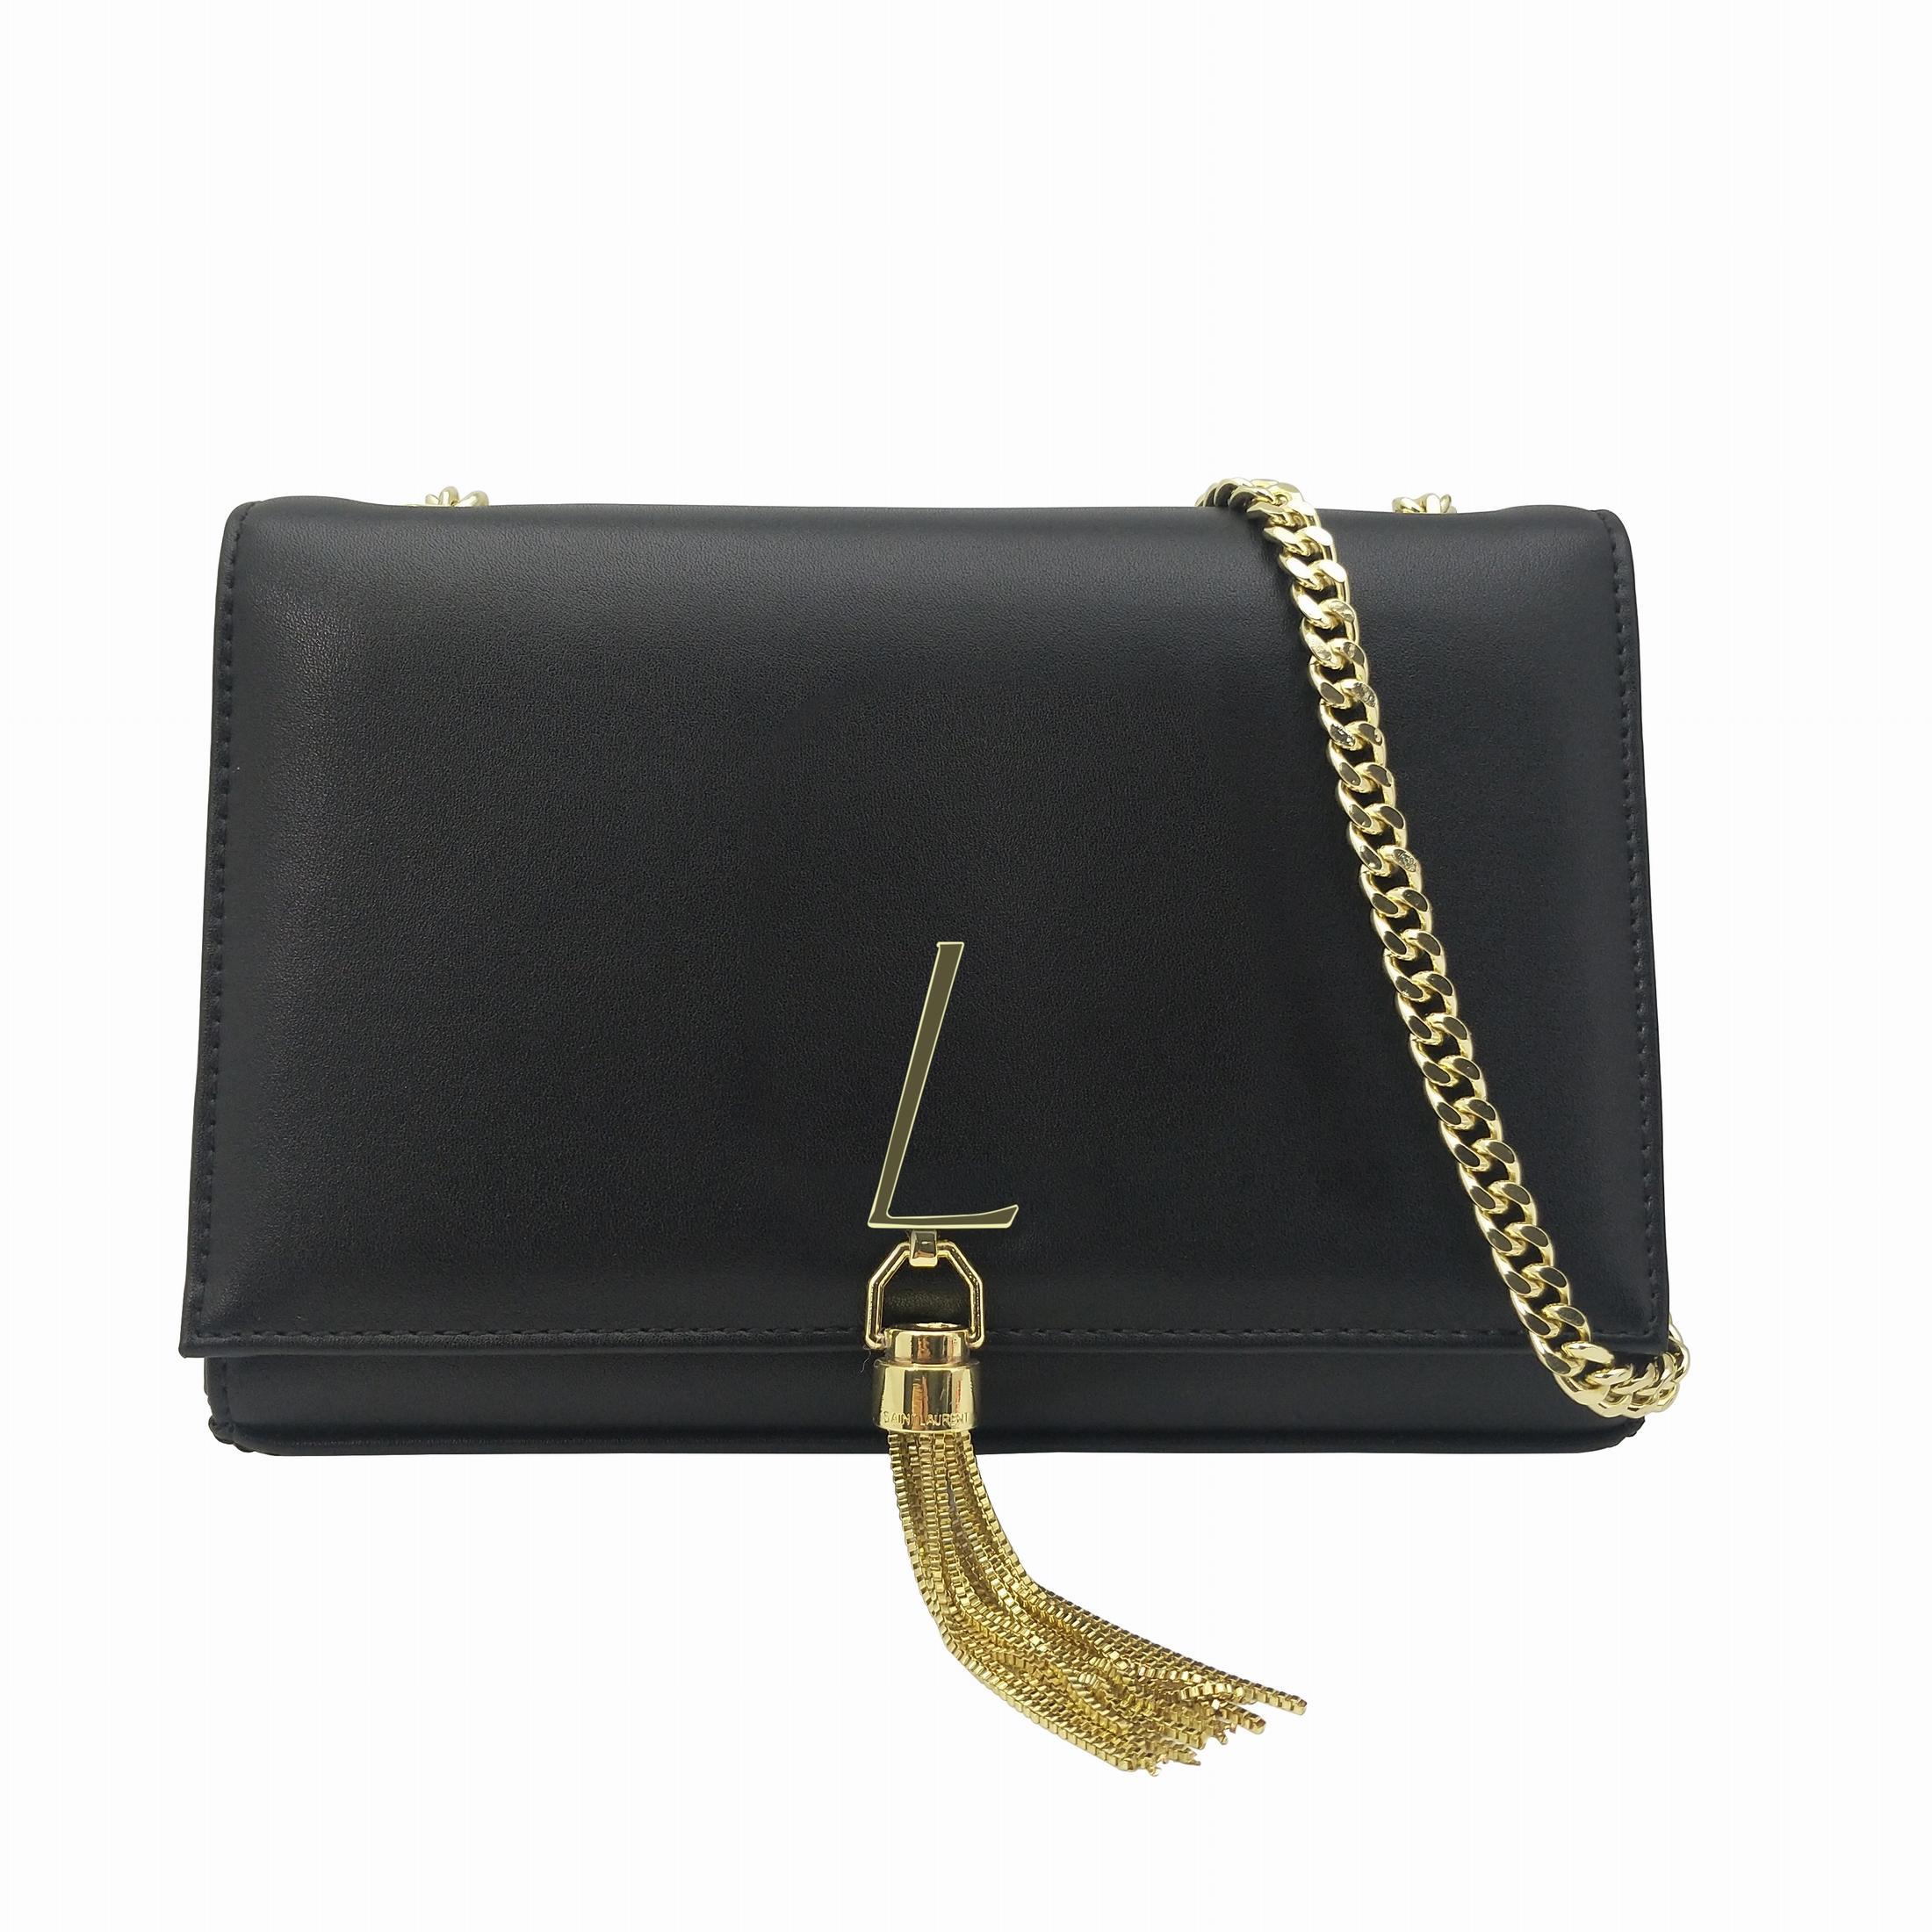 Mode Frauen Schulter Kate Taschen Geldbörse Gold Kette Crossbody Taschen Hohe Qualität Leder Kupplung Taschen Quaste Totes Messenger Bag Rucksäcke